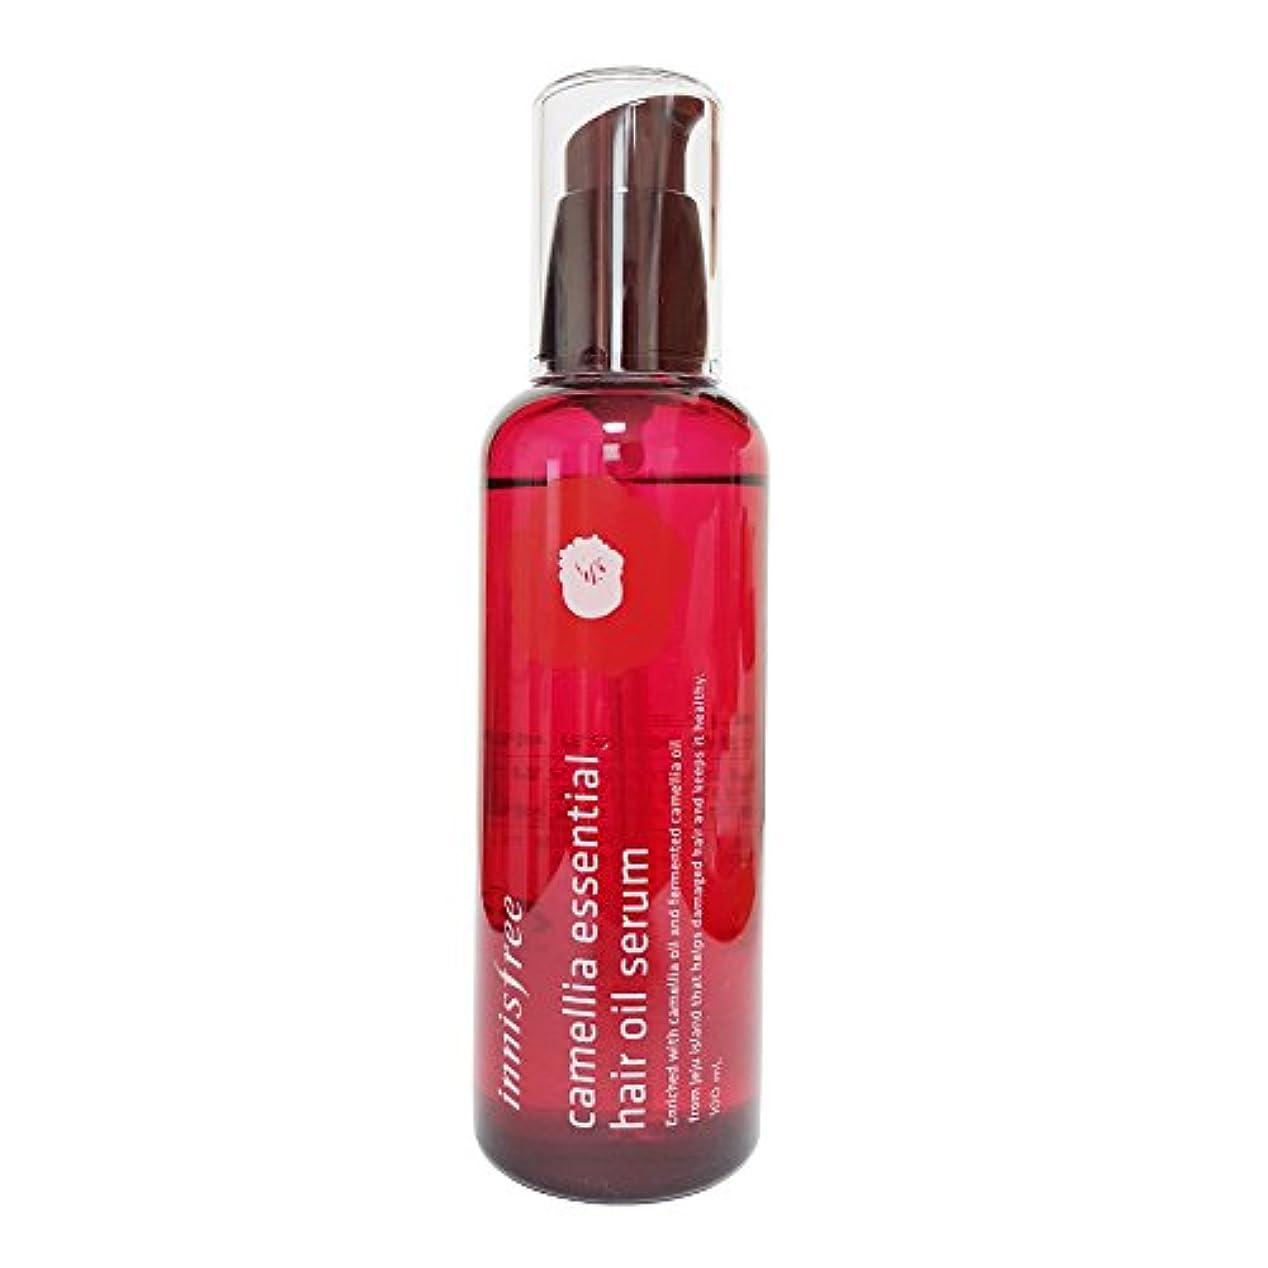 どれ最初は悪魔[イニスフリー] Innisfree カメリアエッセンシャル?ヘア?オイルセラム (100ml) Innisfree Camellia Essential Hair Oil Serum (100ml) [海外直送品]